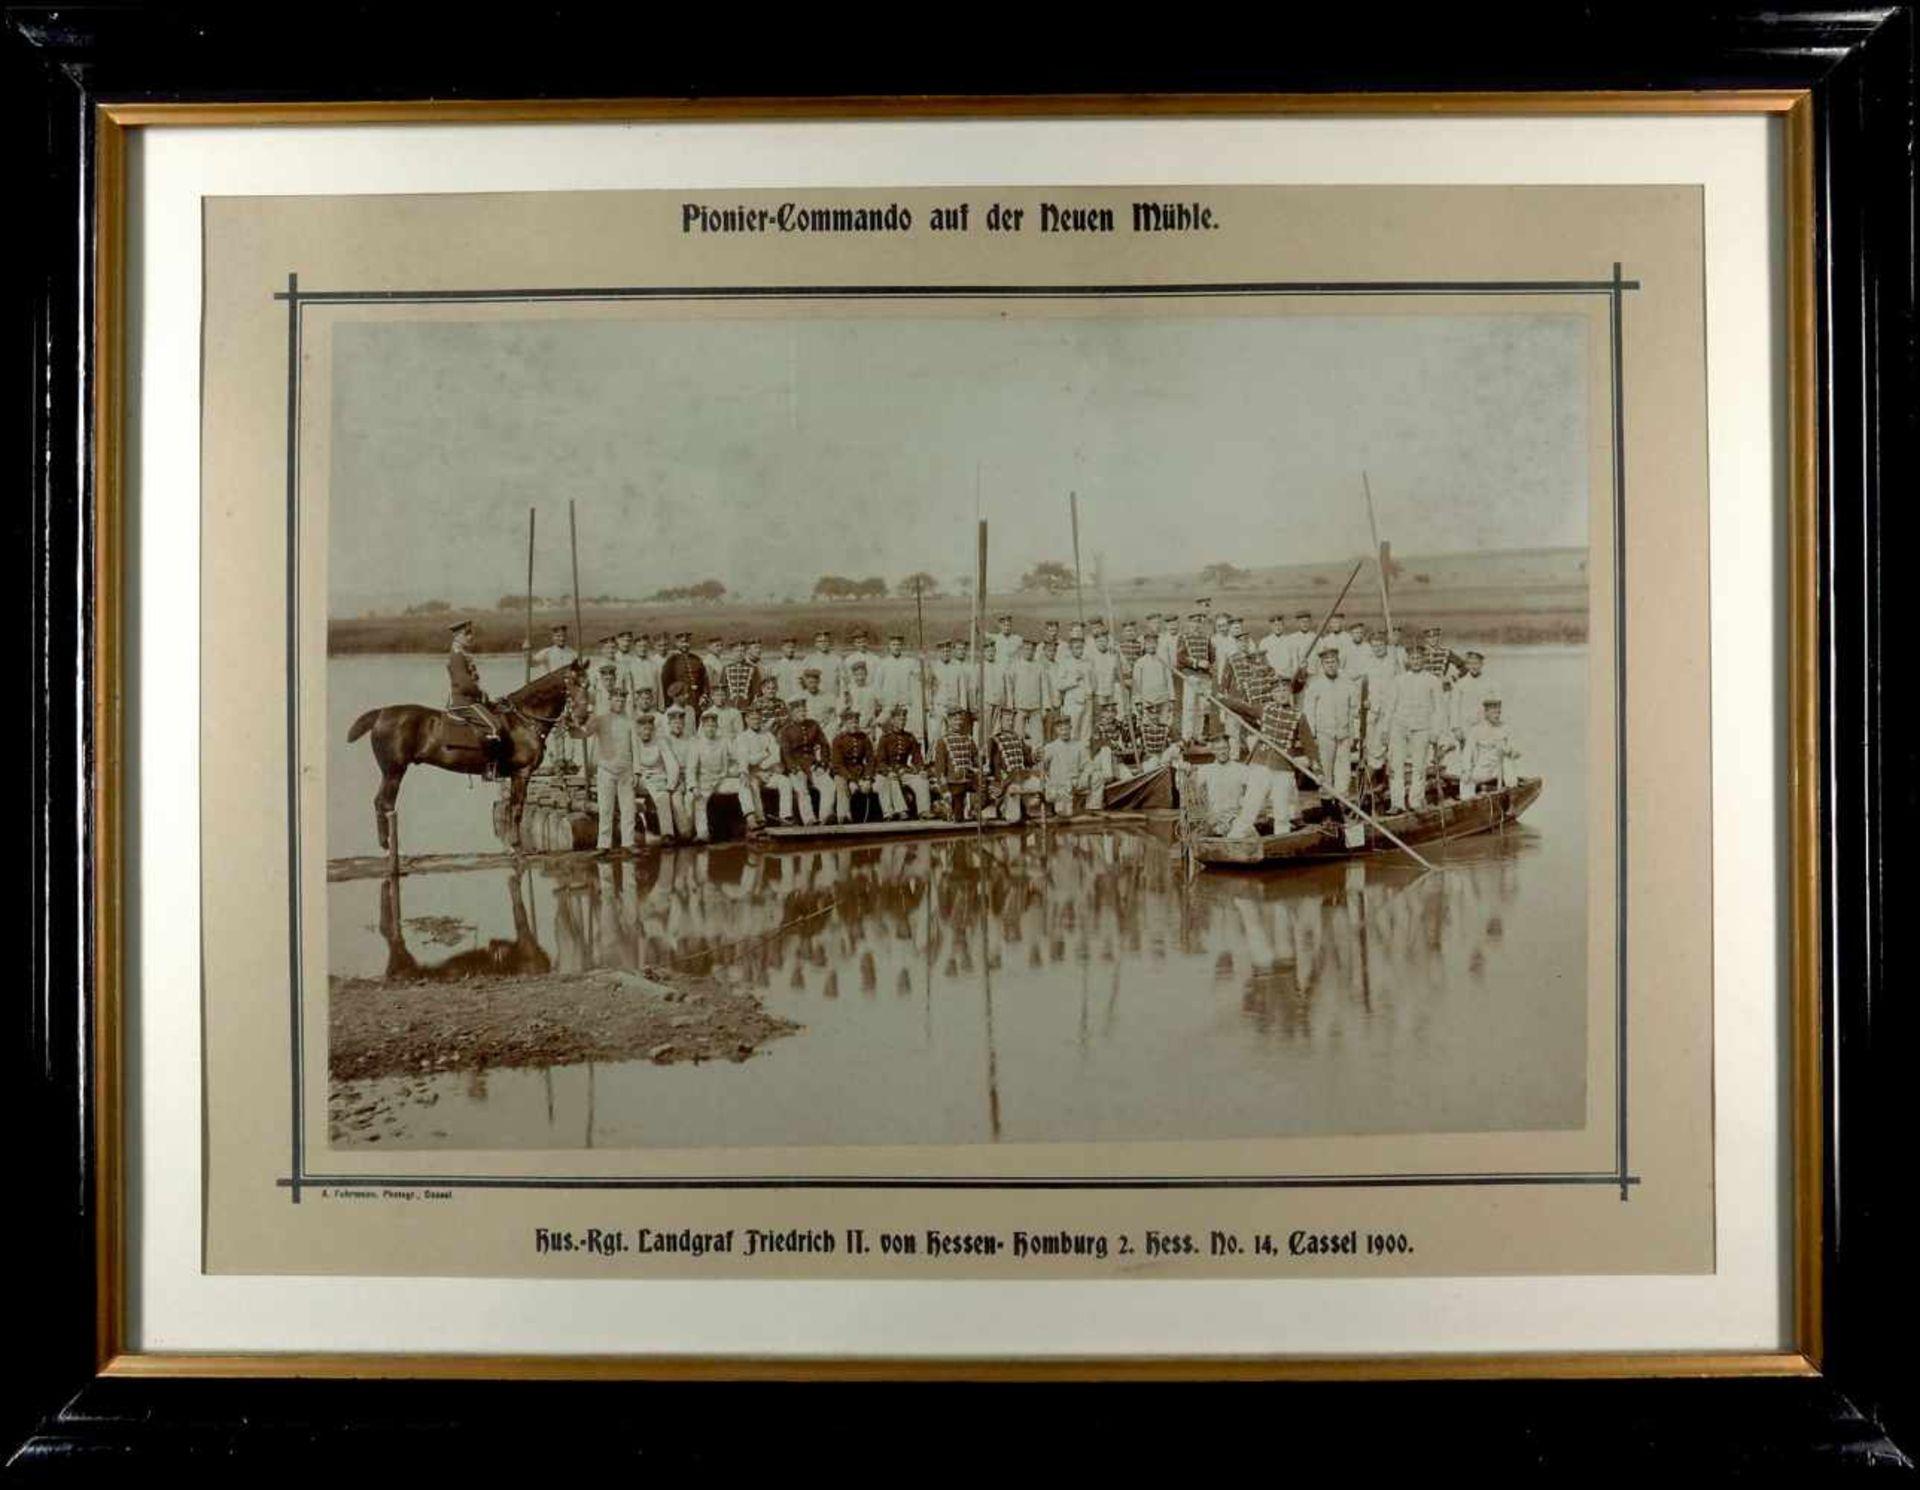 Fotoalben, militärische Einzelfotos, Postkarten 1900, Bild, Pionier-Kommando auf der Neuen Mühle,